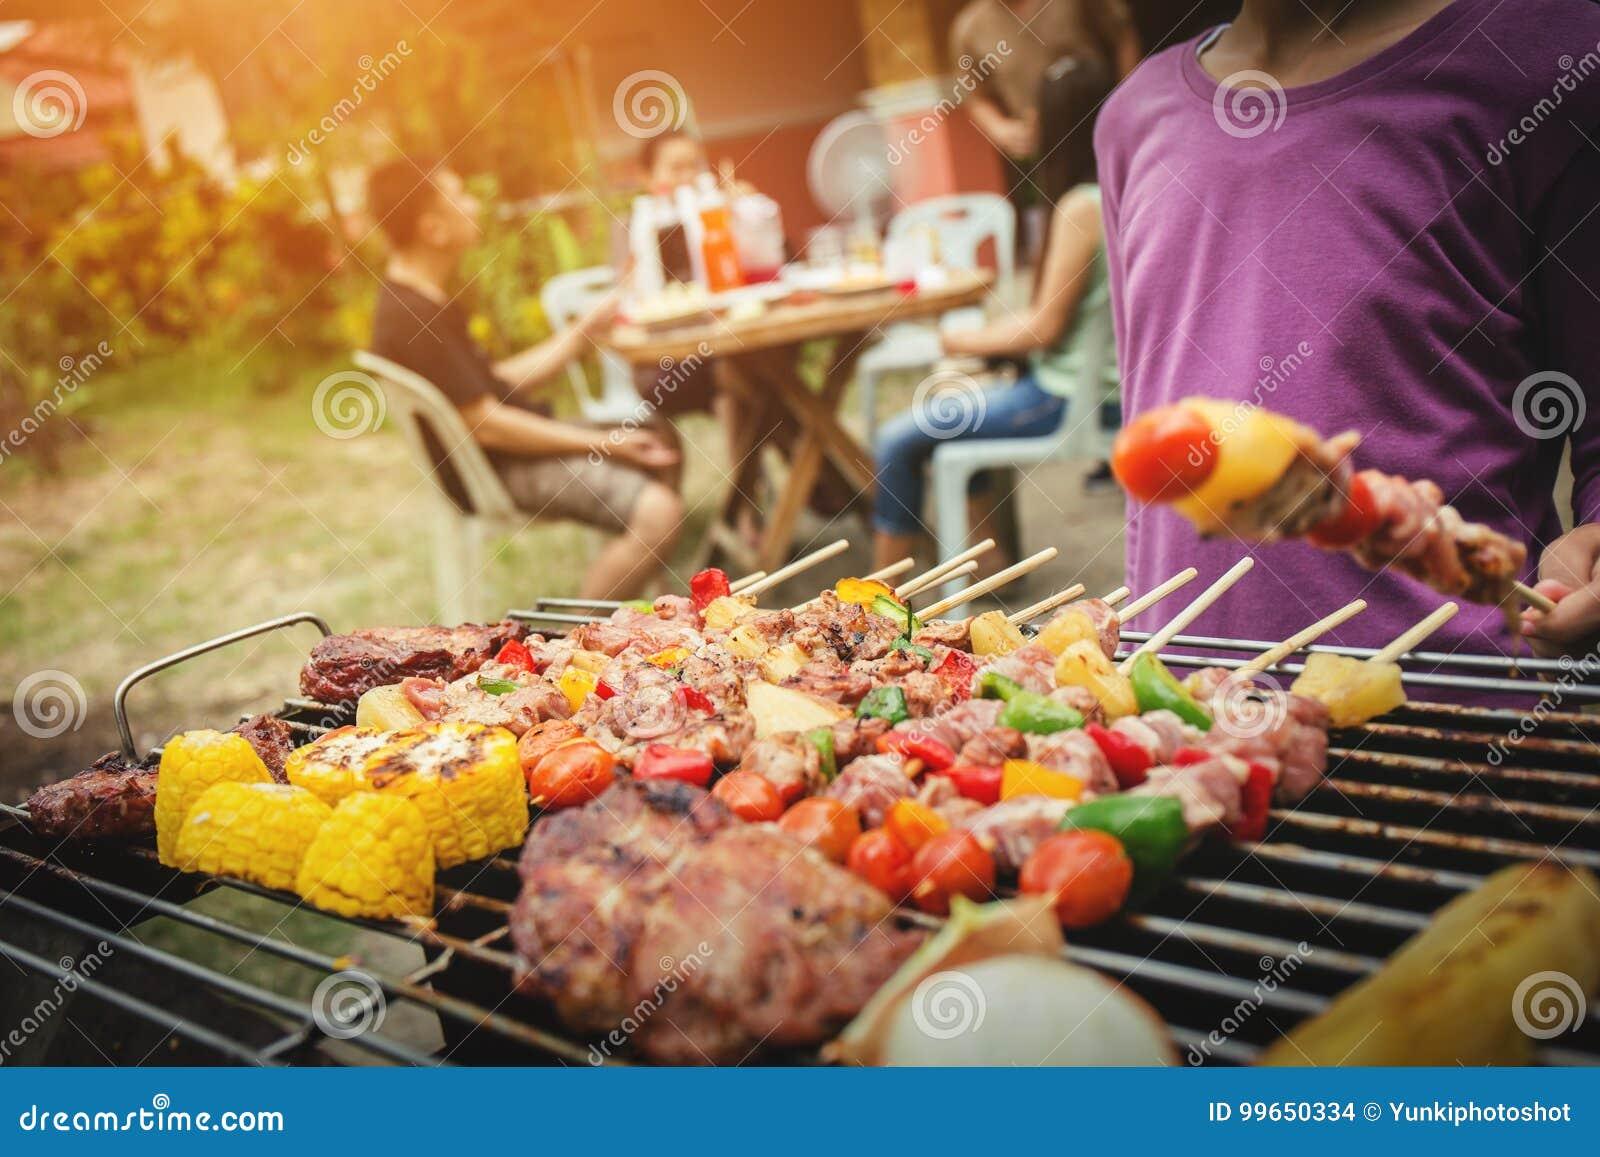 Estate del partito dell alimento del BBQ che griglia carne